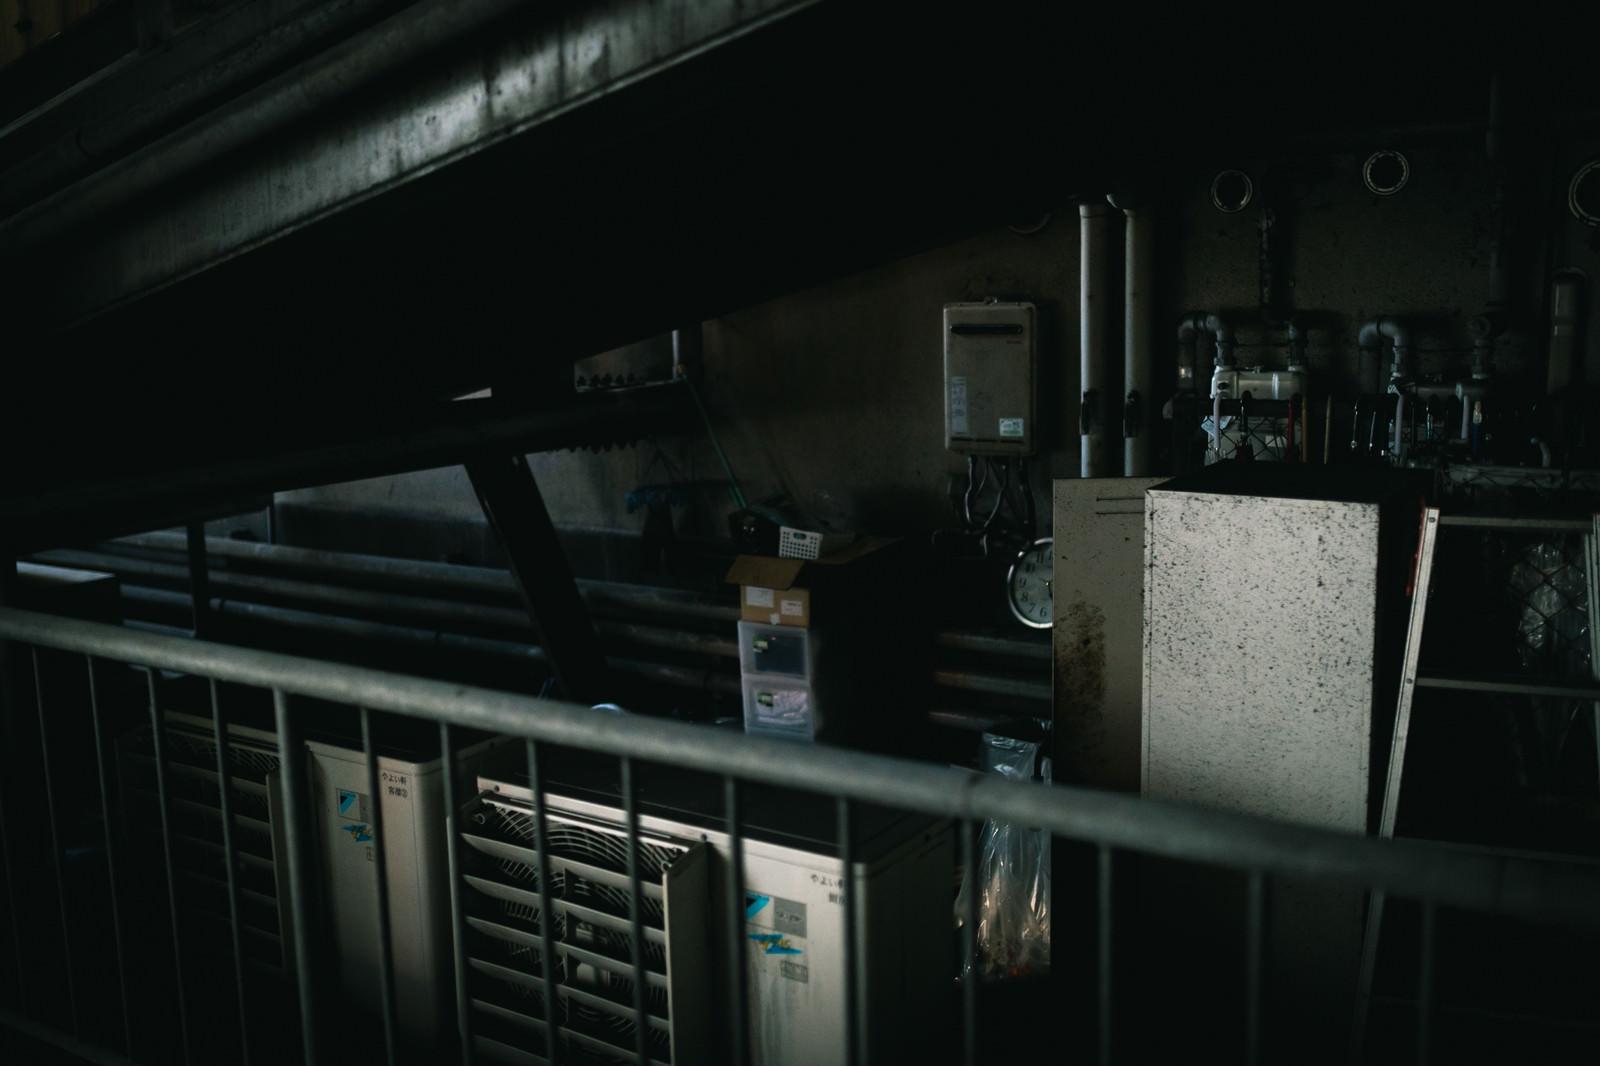 「薄汚れた不用品置き場」の写真